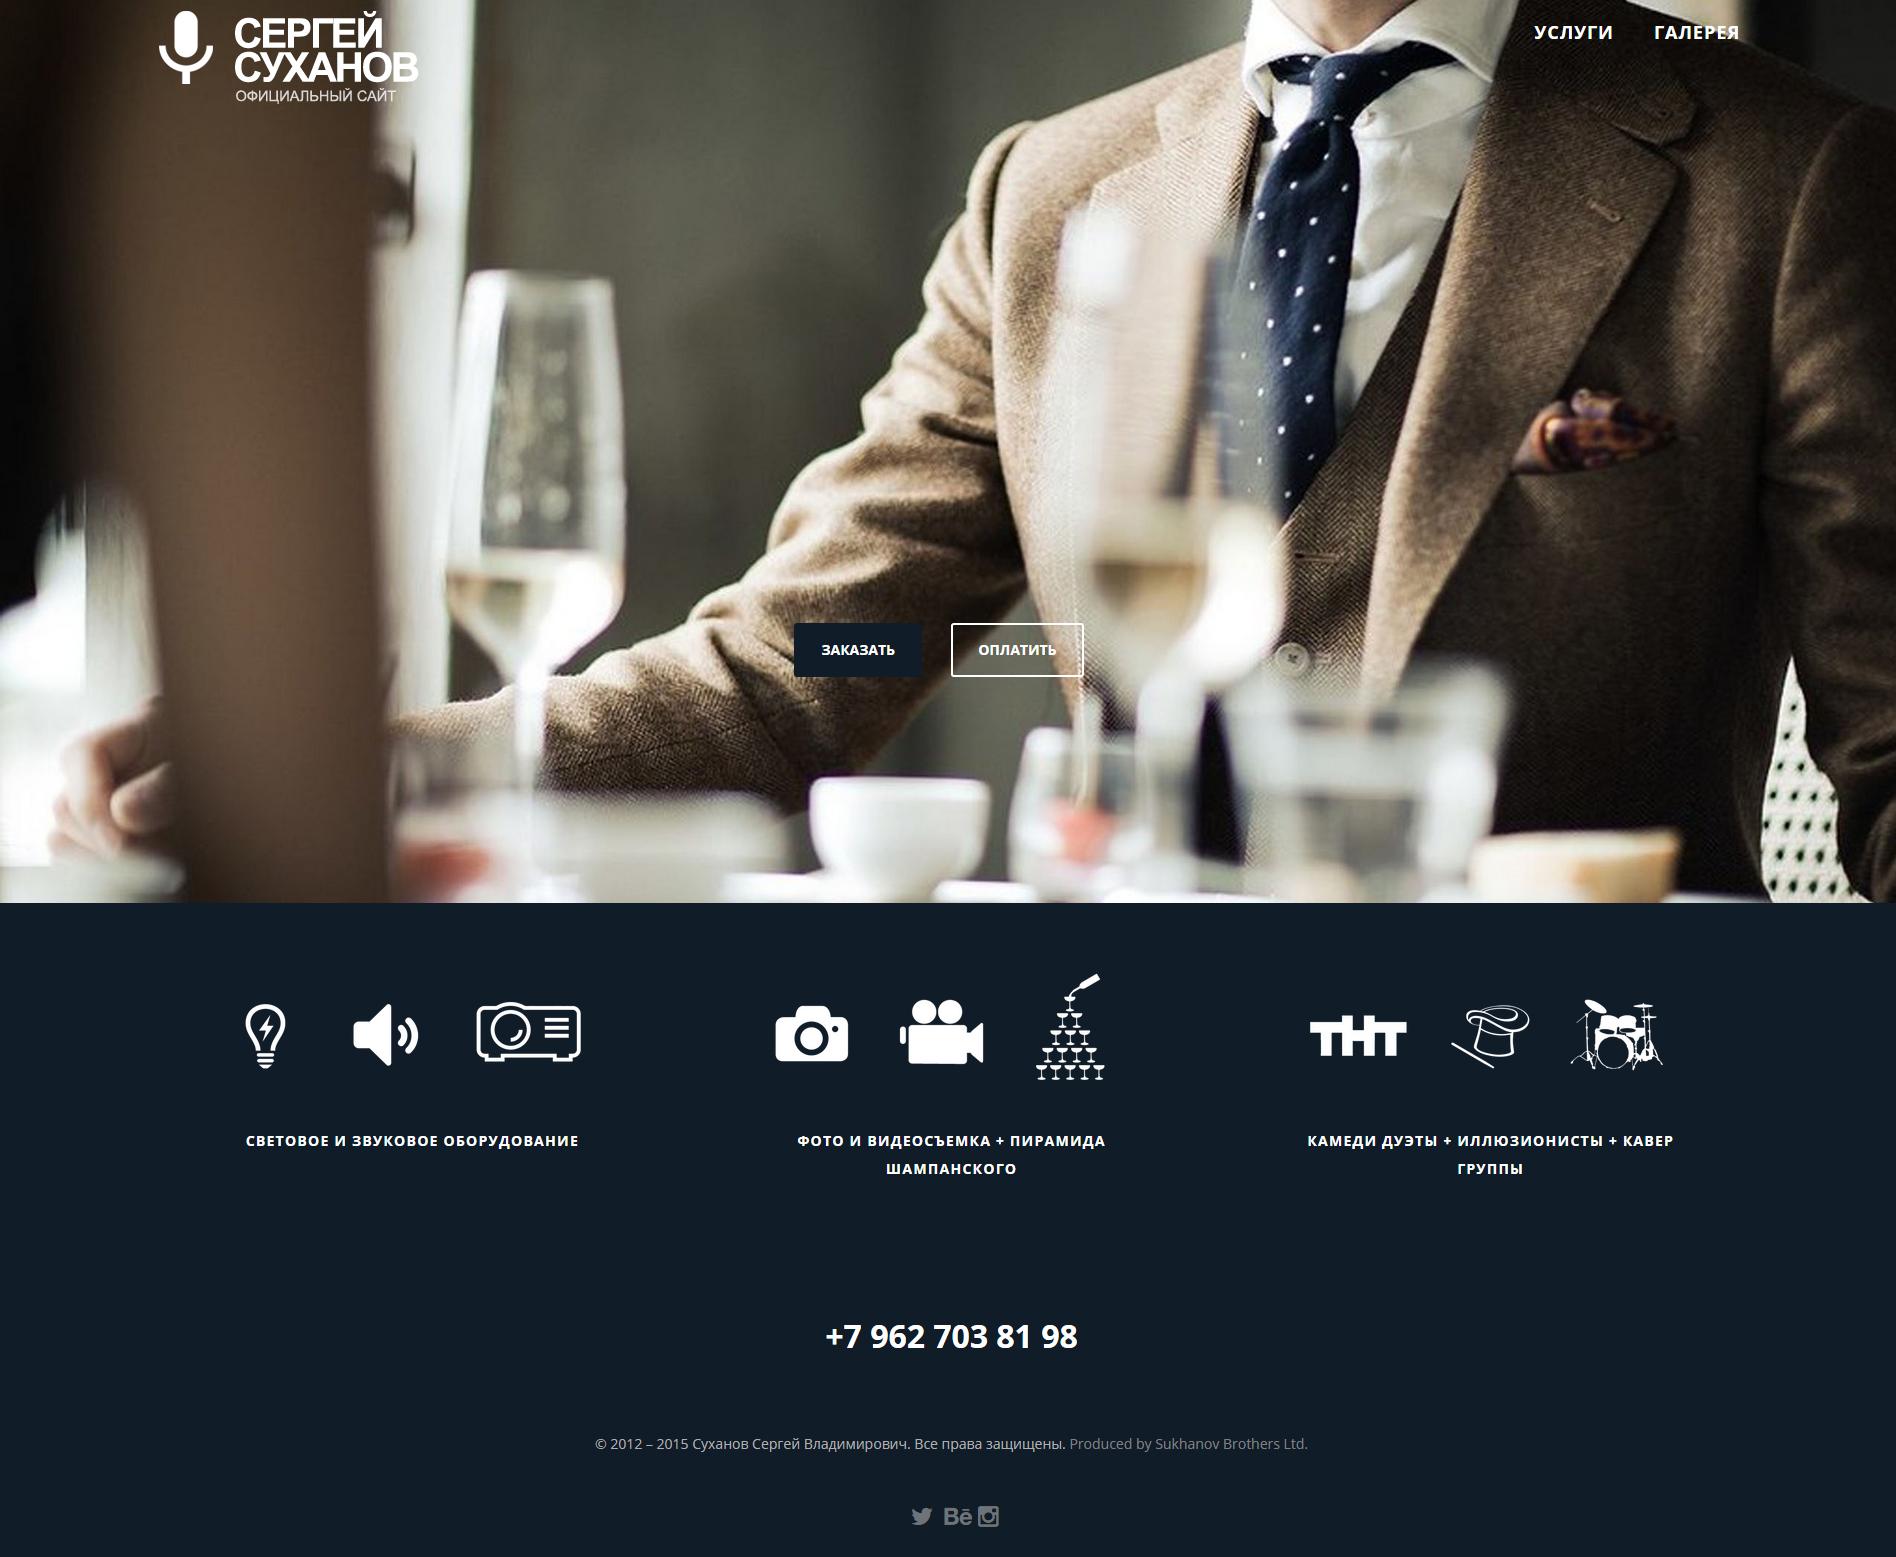 Разработка макета дизайна сайта ведущего мероприятий